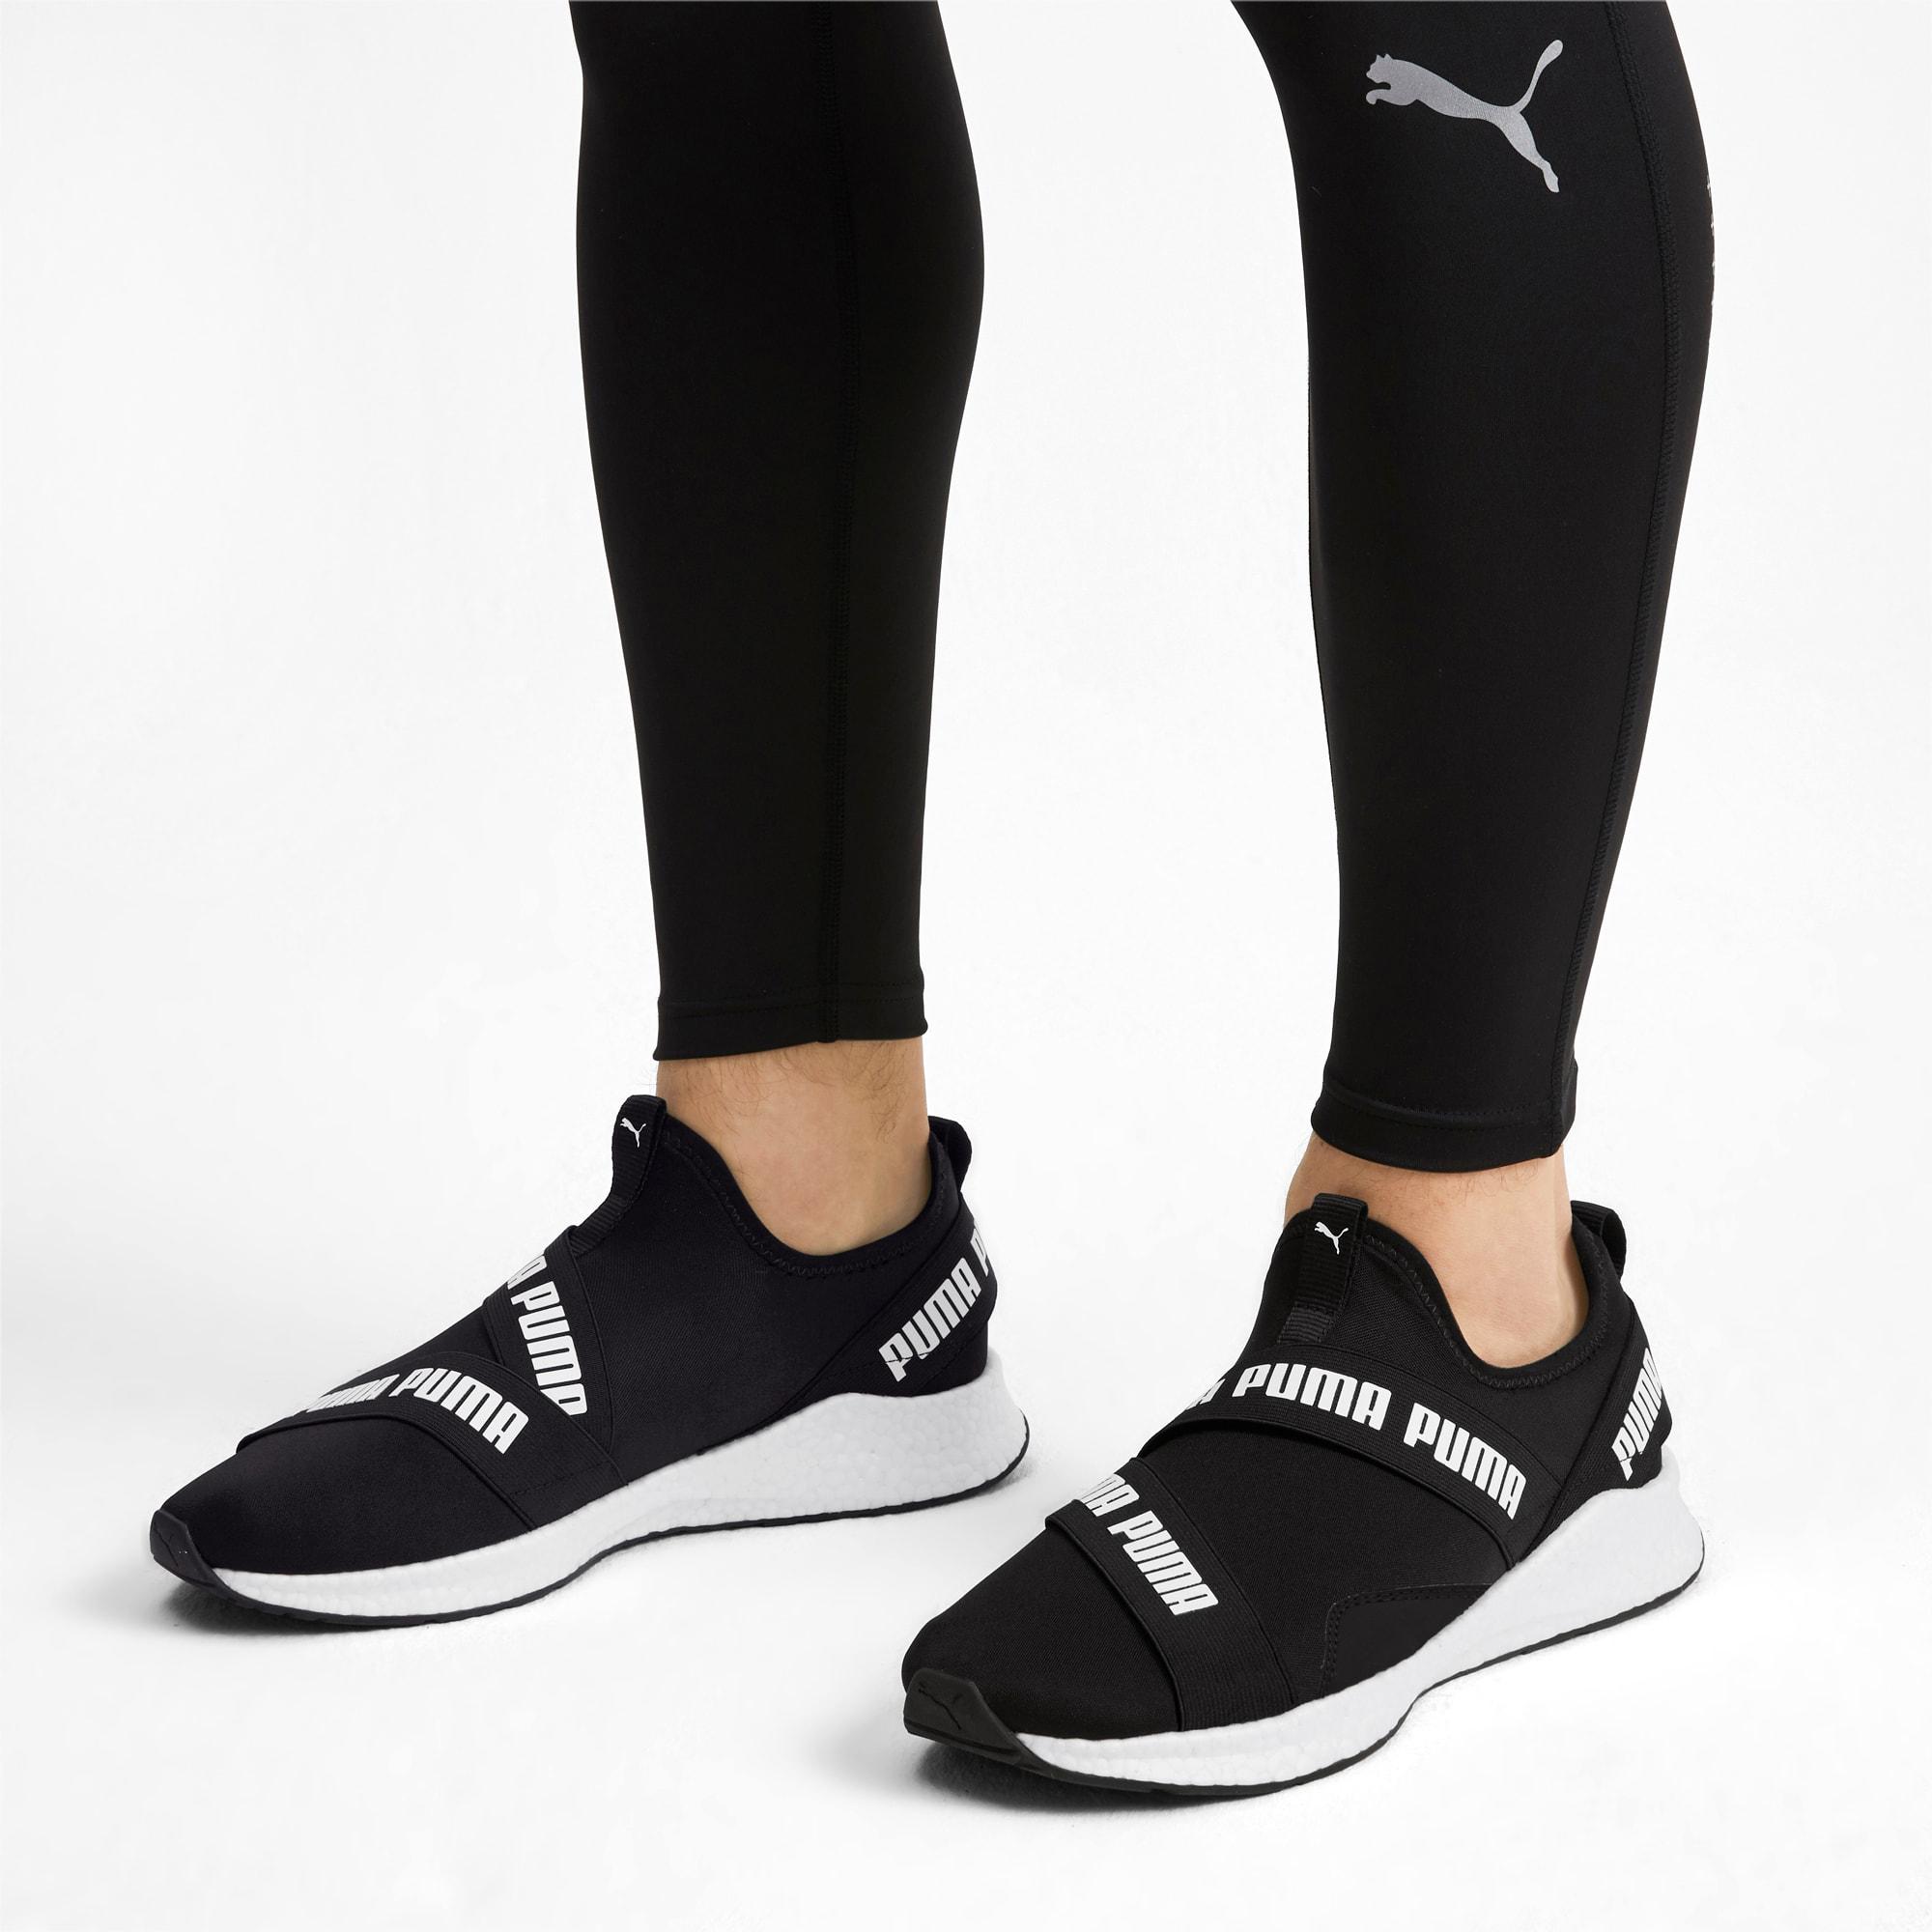 NRGY Star Slip On Sneaker